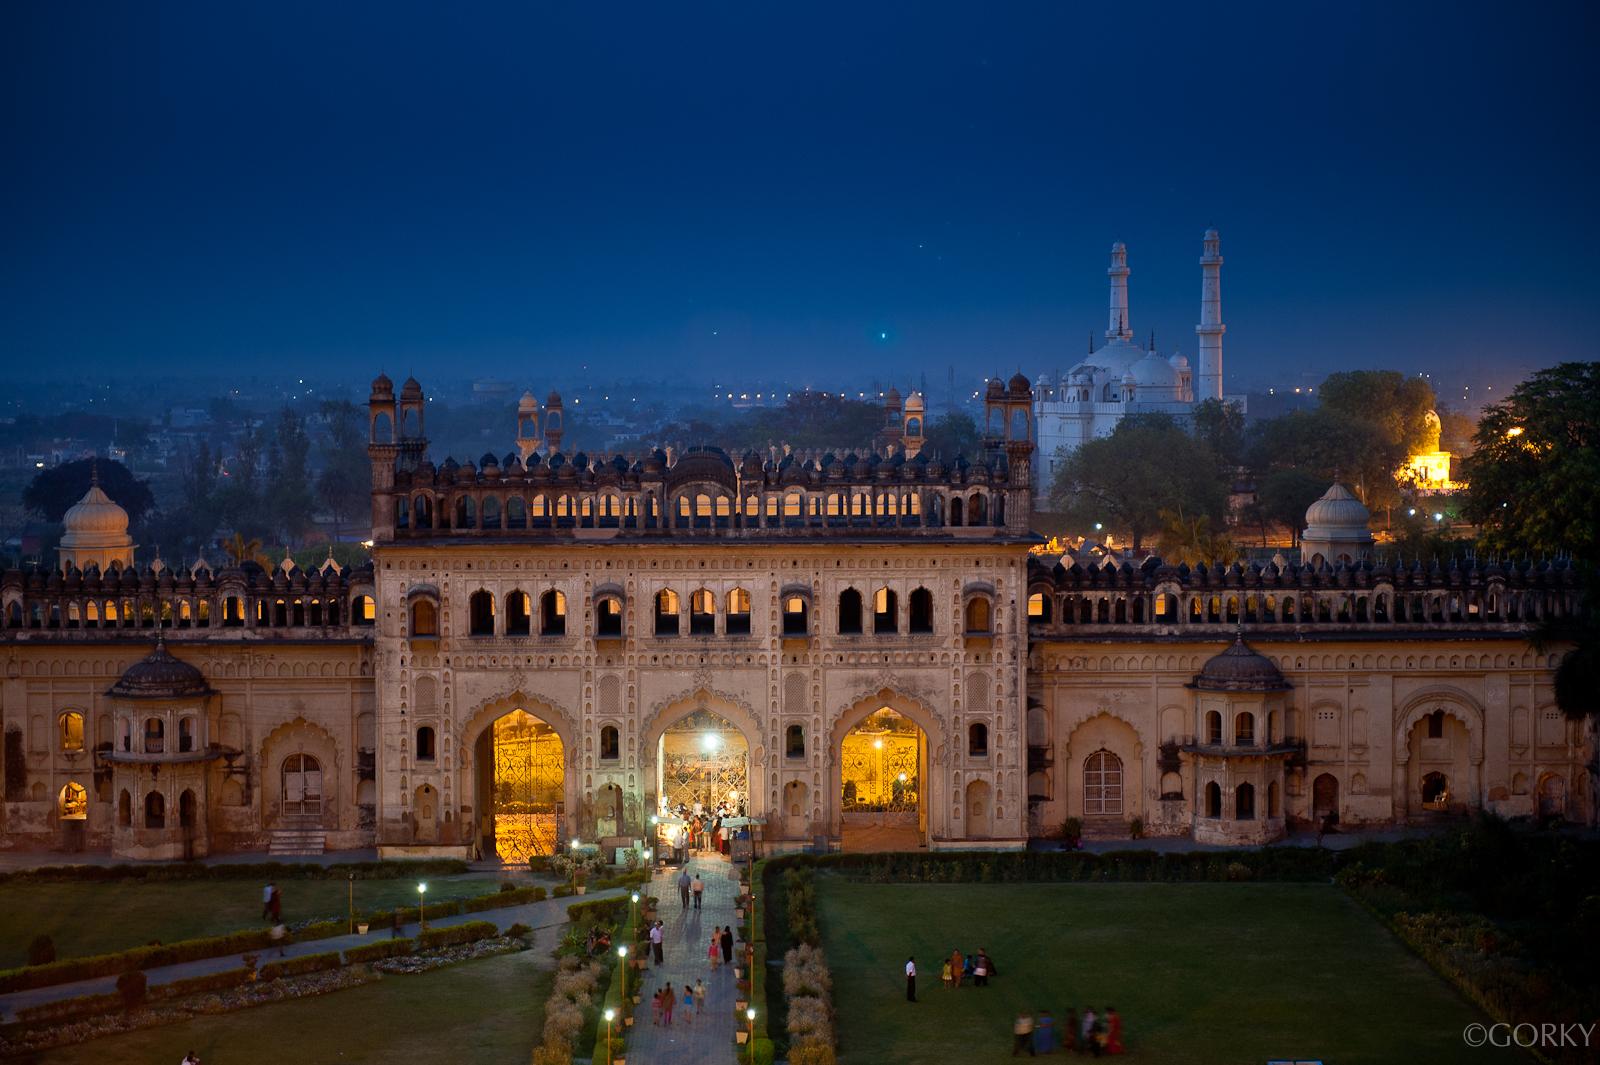 Lucknow, Uttar Pradesh, Bada Imabara